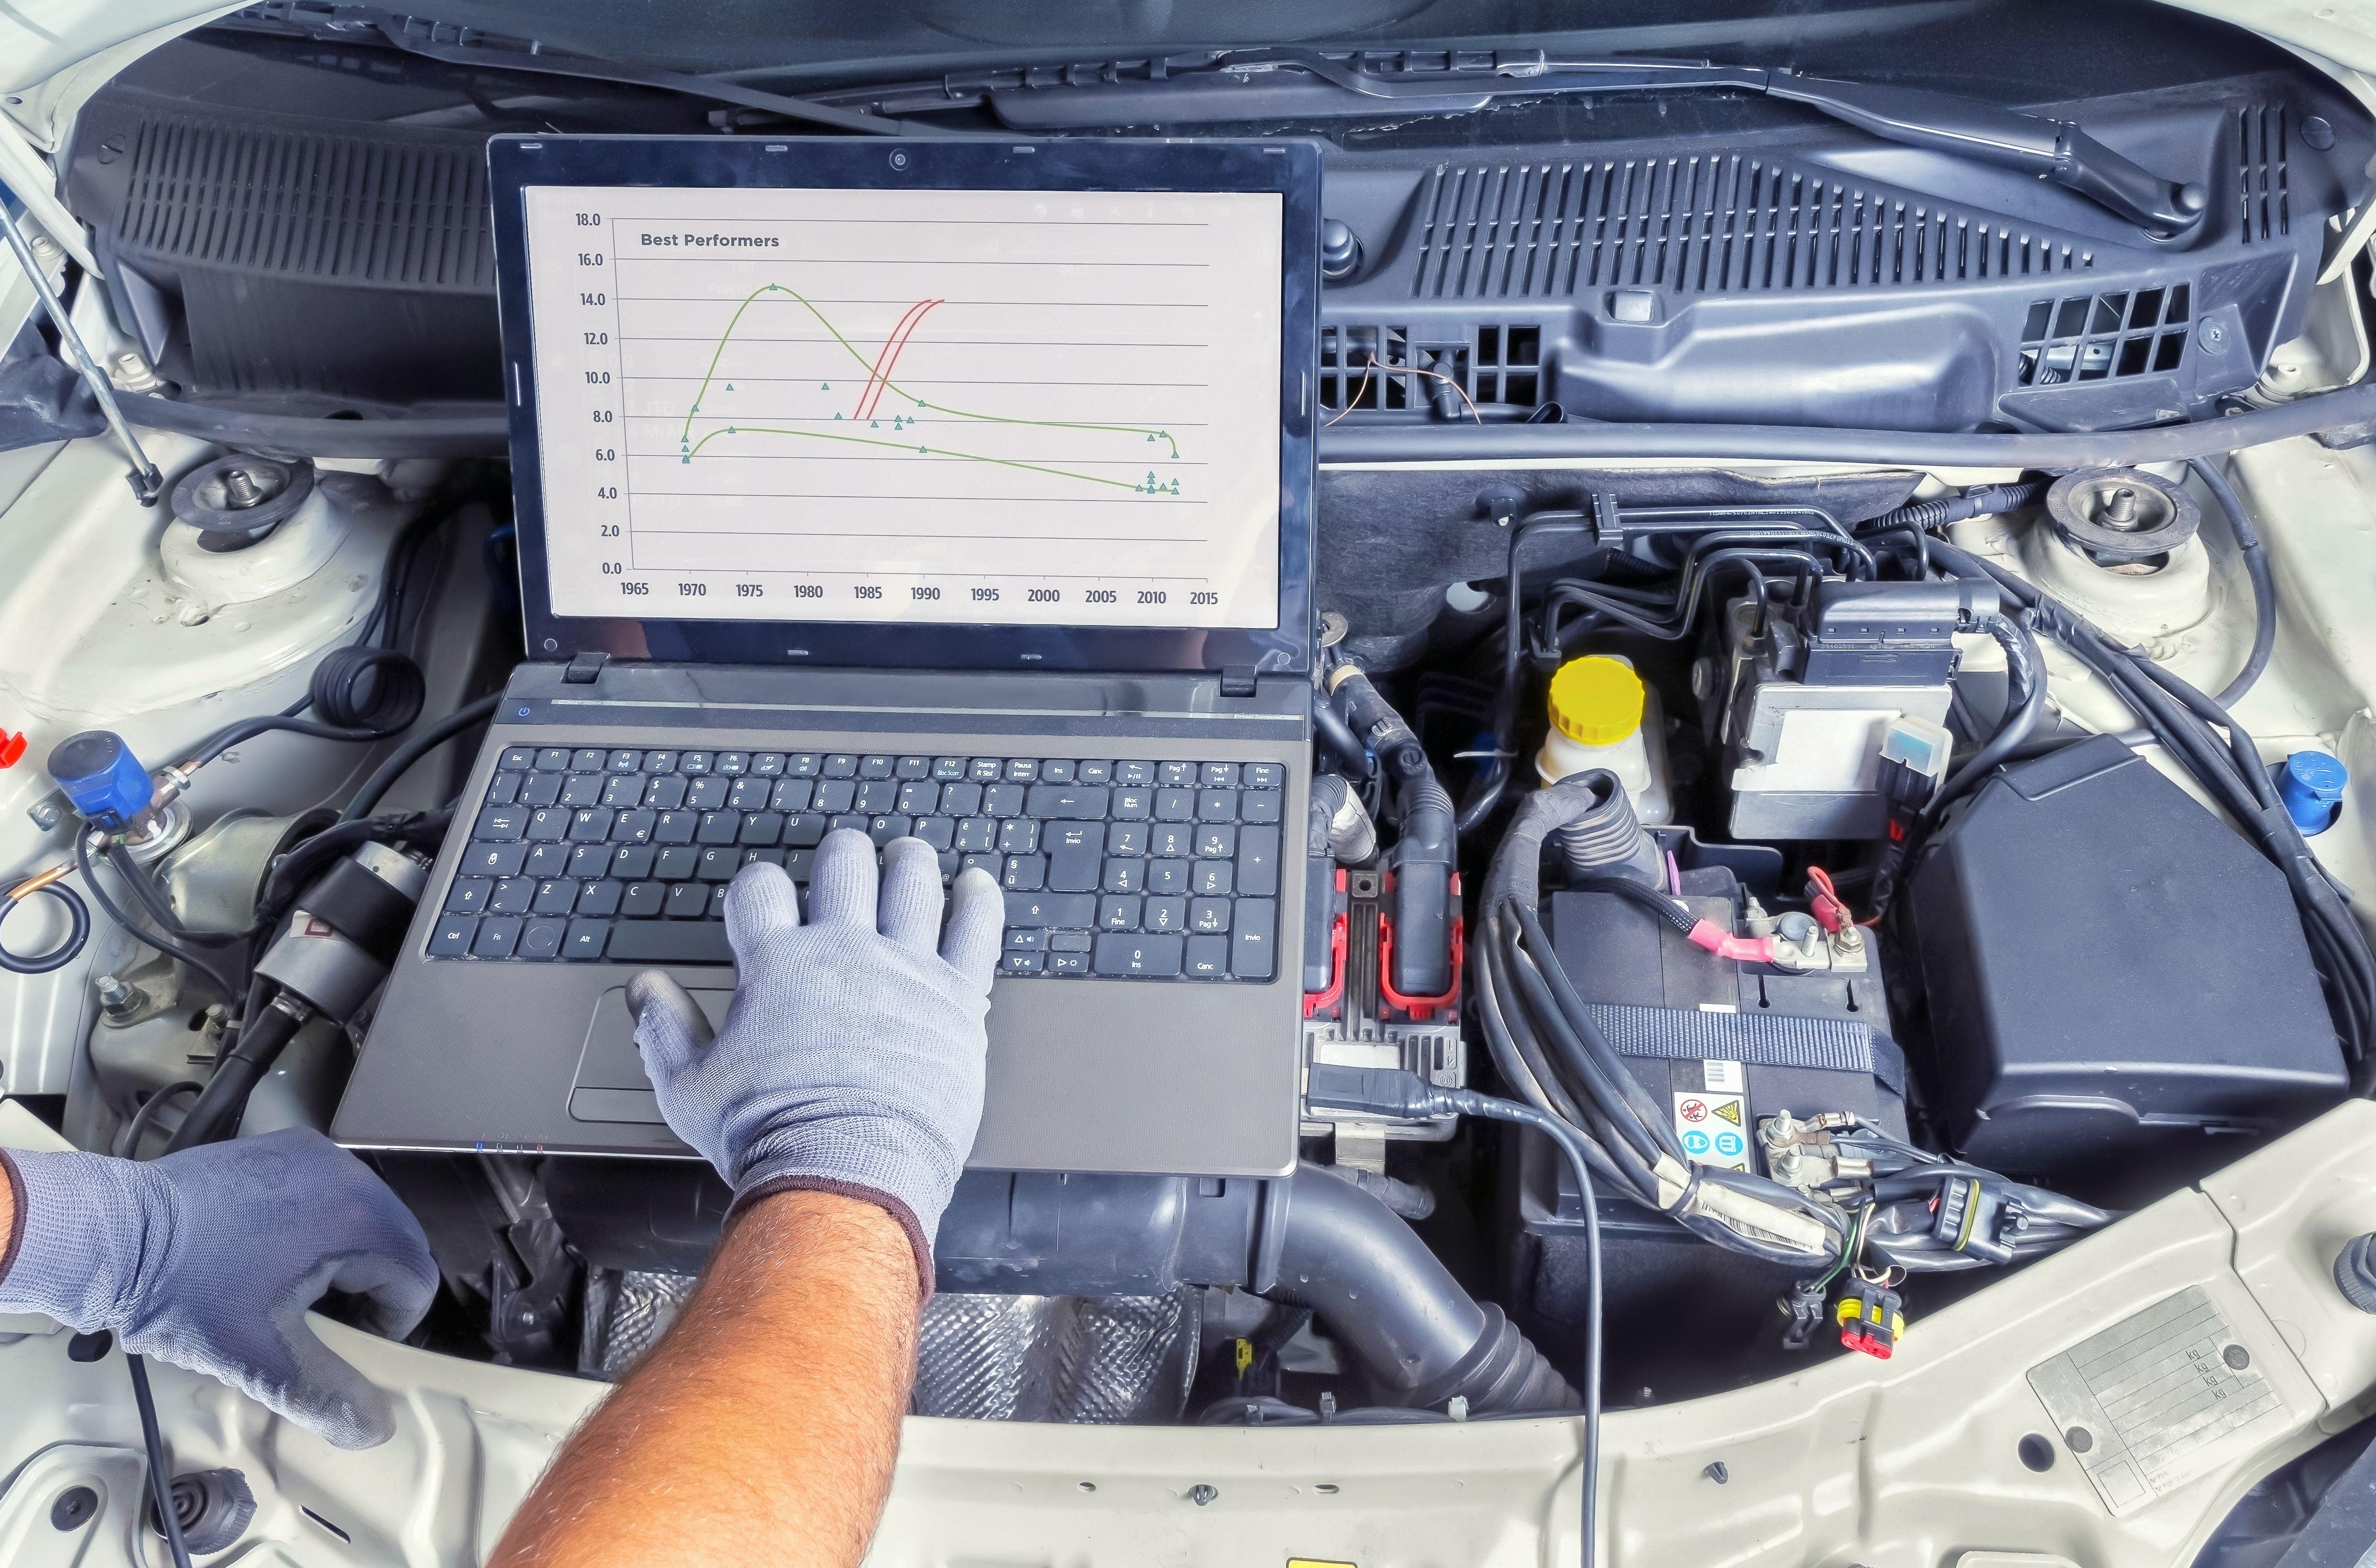 Taller con servicio de diagnosis de vehículos